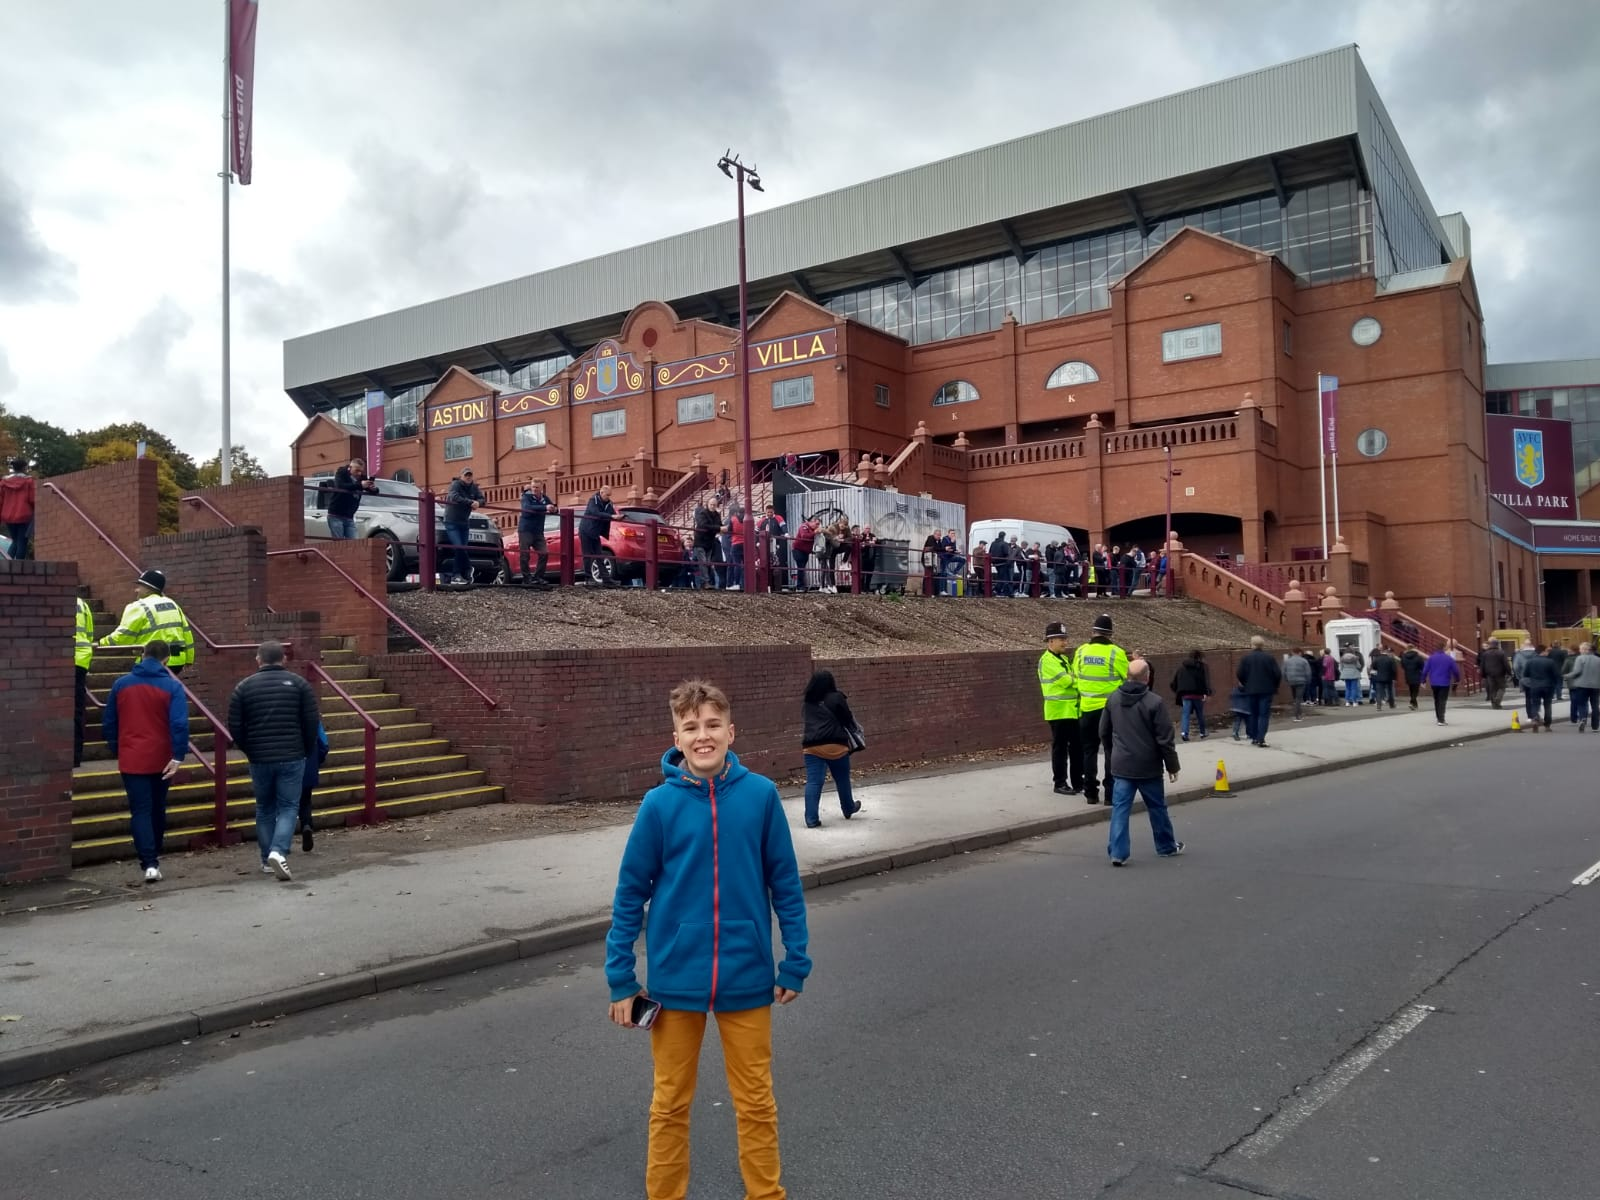 Aston Villa v Brighton and Hove Albion 19-10-2019